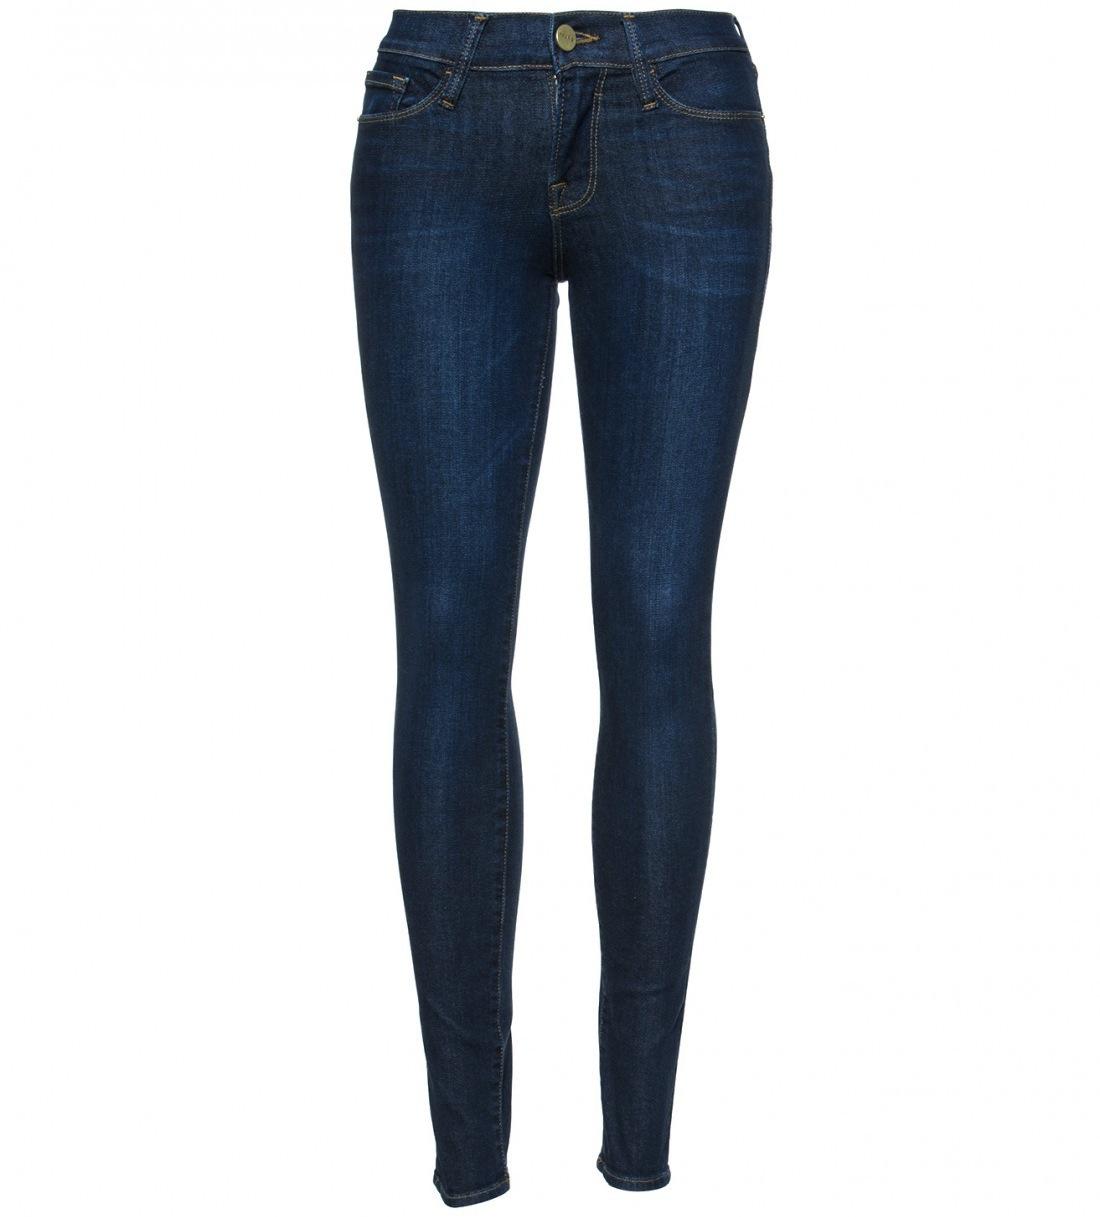 frame denim le skinny jean in marshall